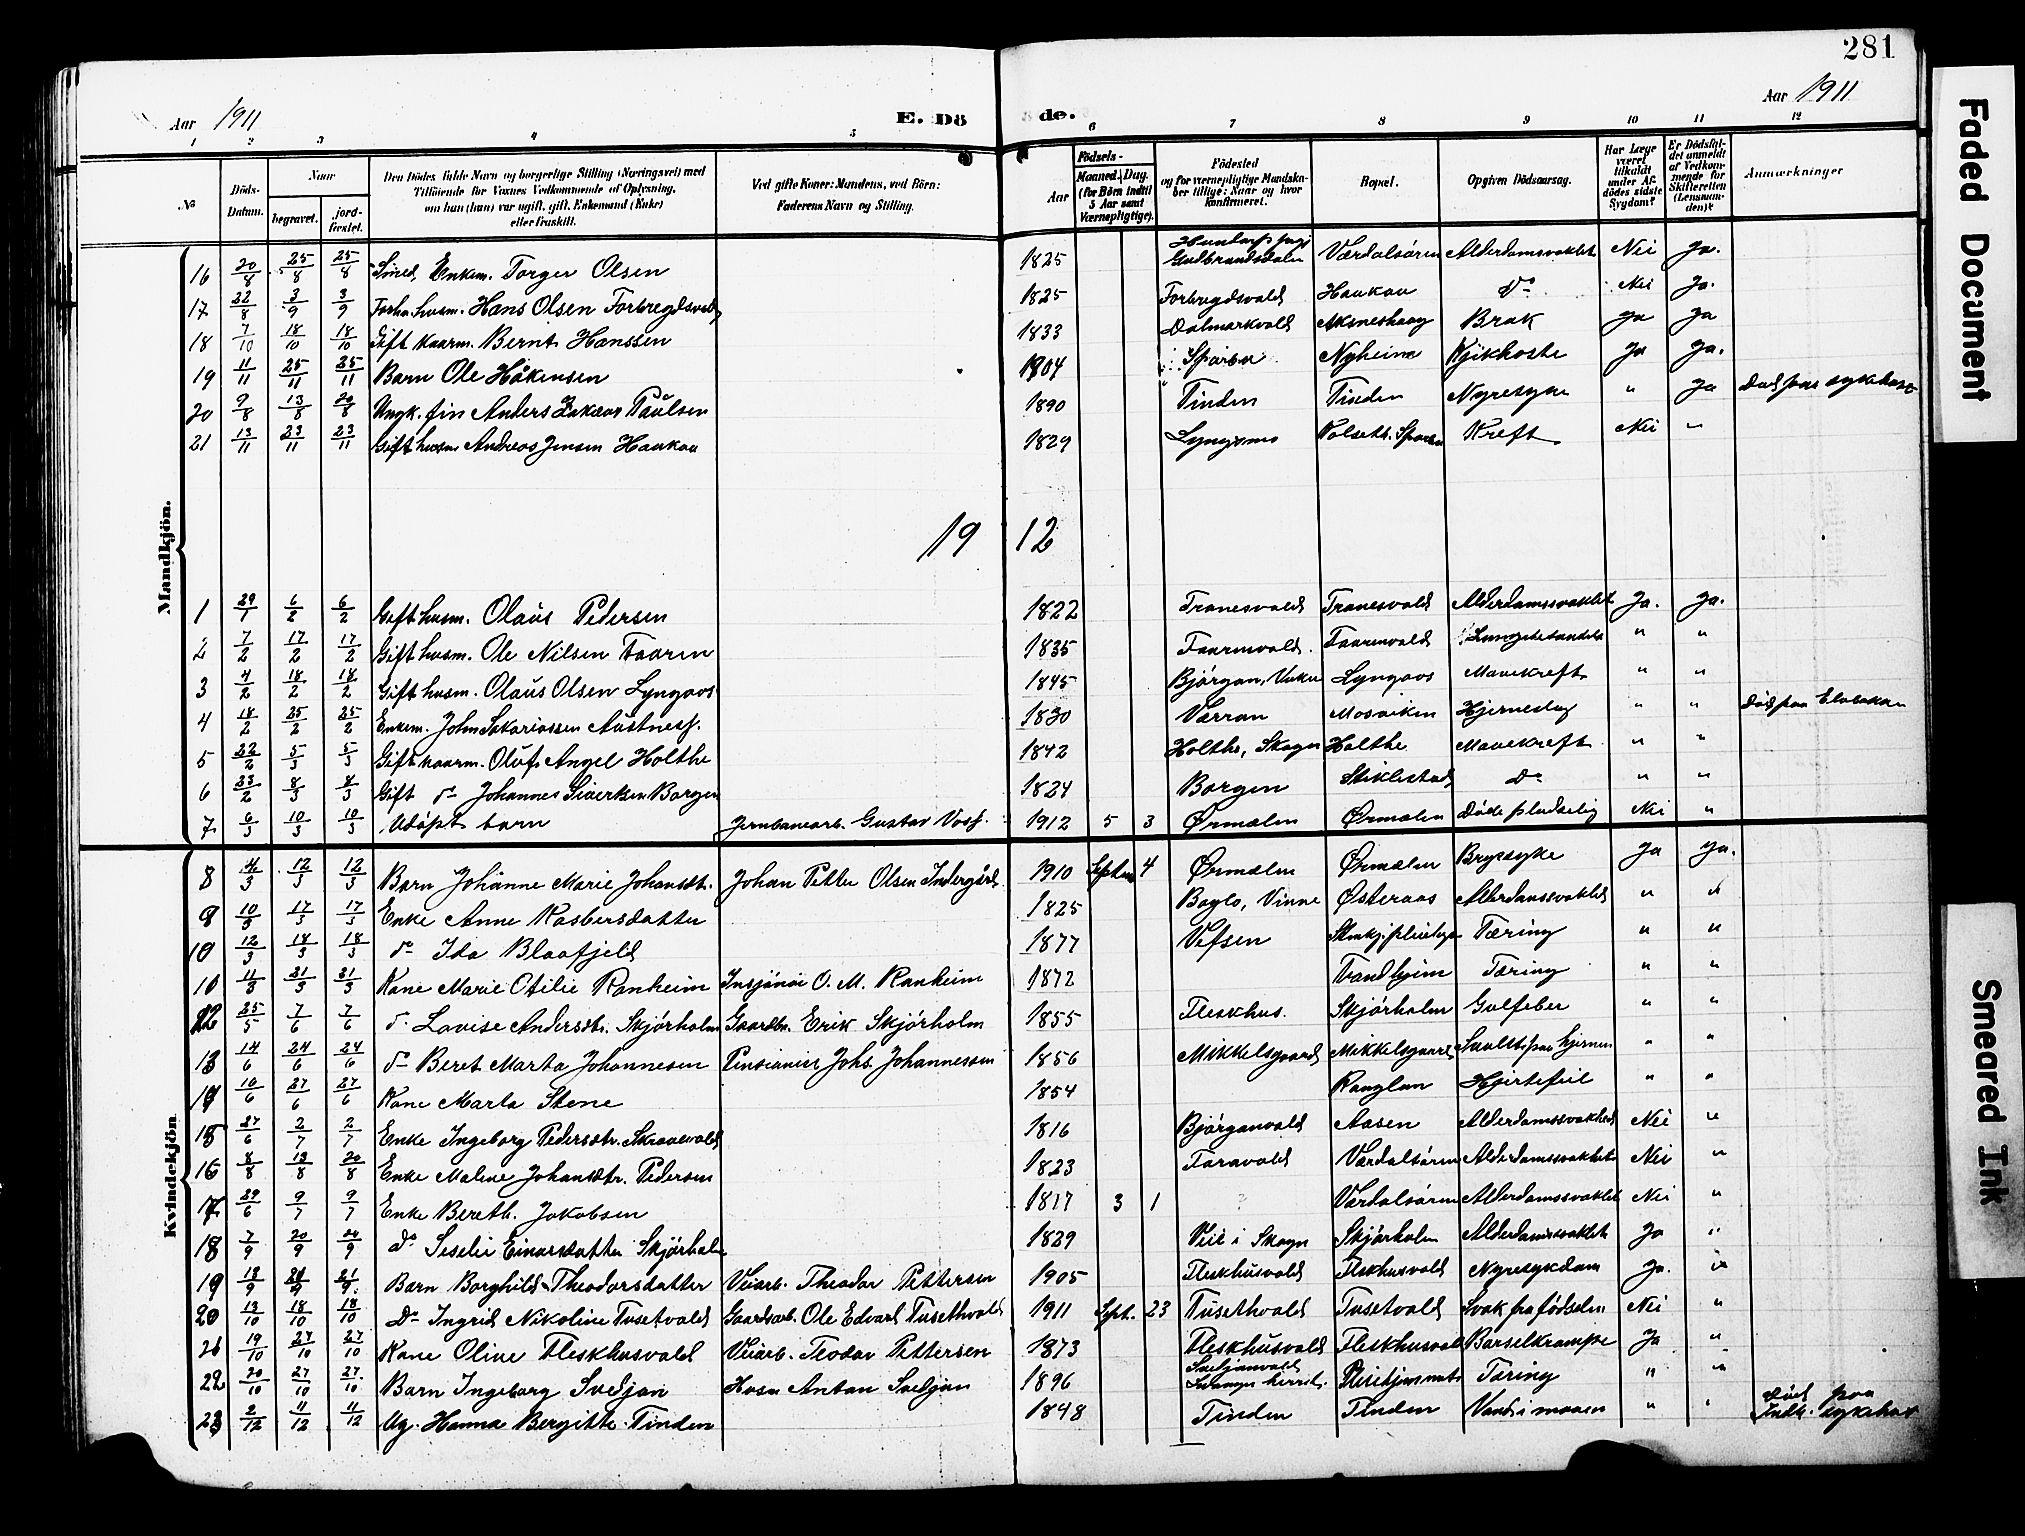 SAT, Ministerialprotokoller, klokkerbøker og fødselsregistre - Nord-Trøndelag, 723/L0258: Klokkerbok nr. 723C06, 1908-1927, s. 281